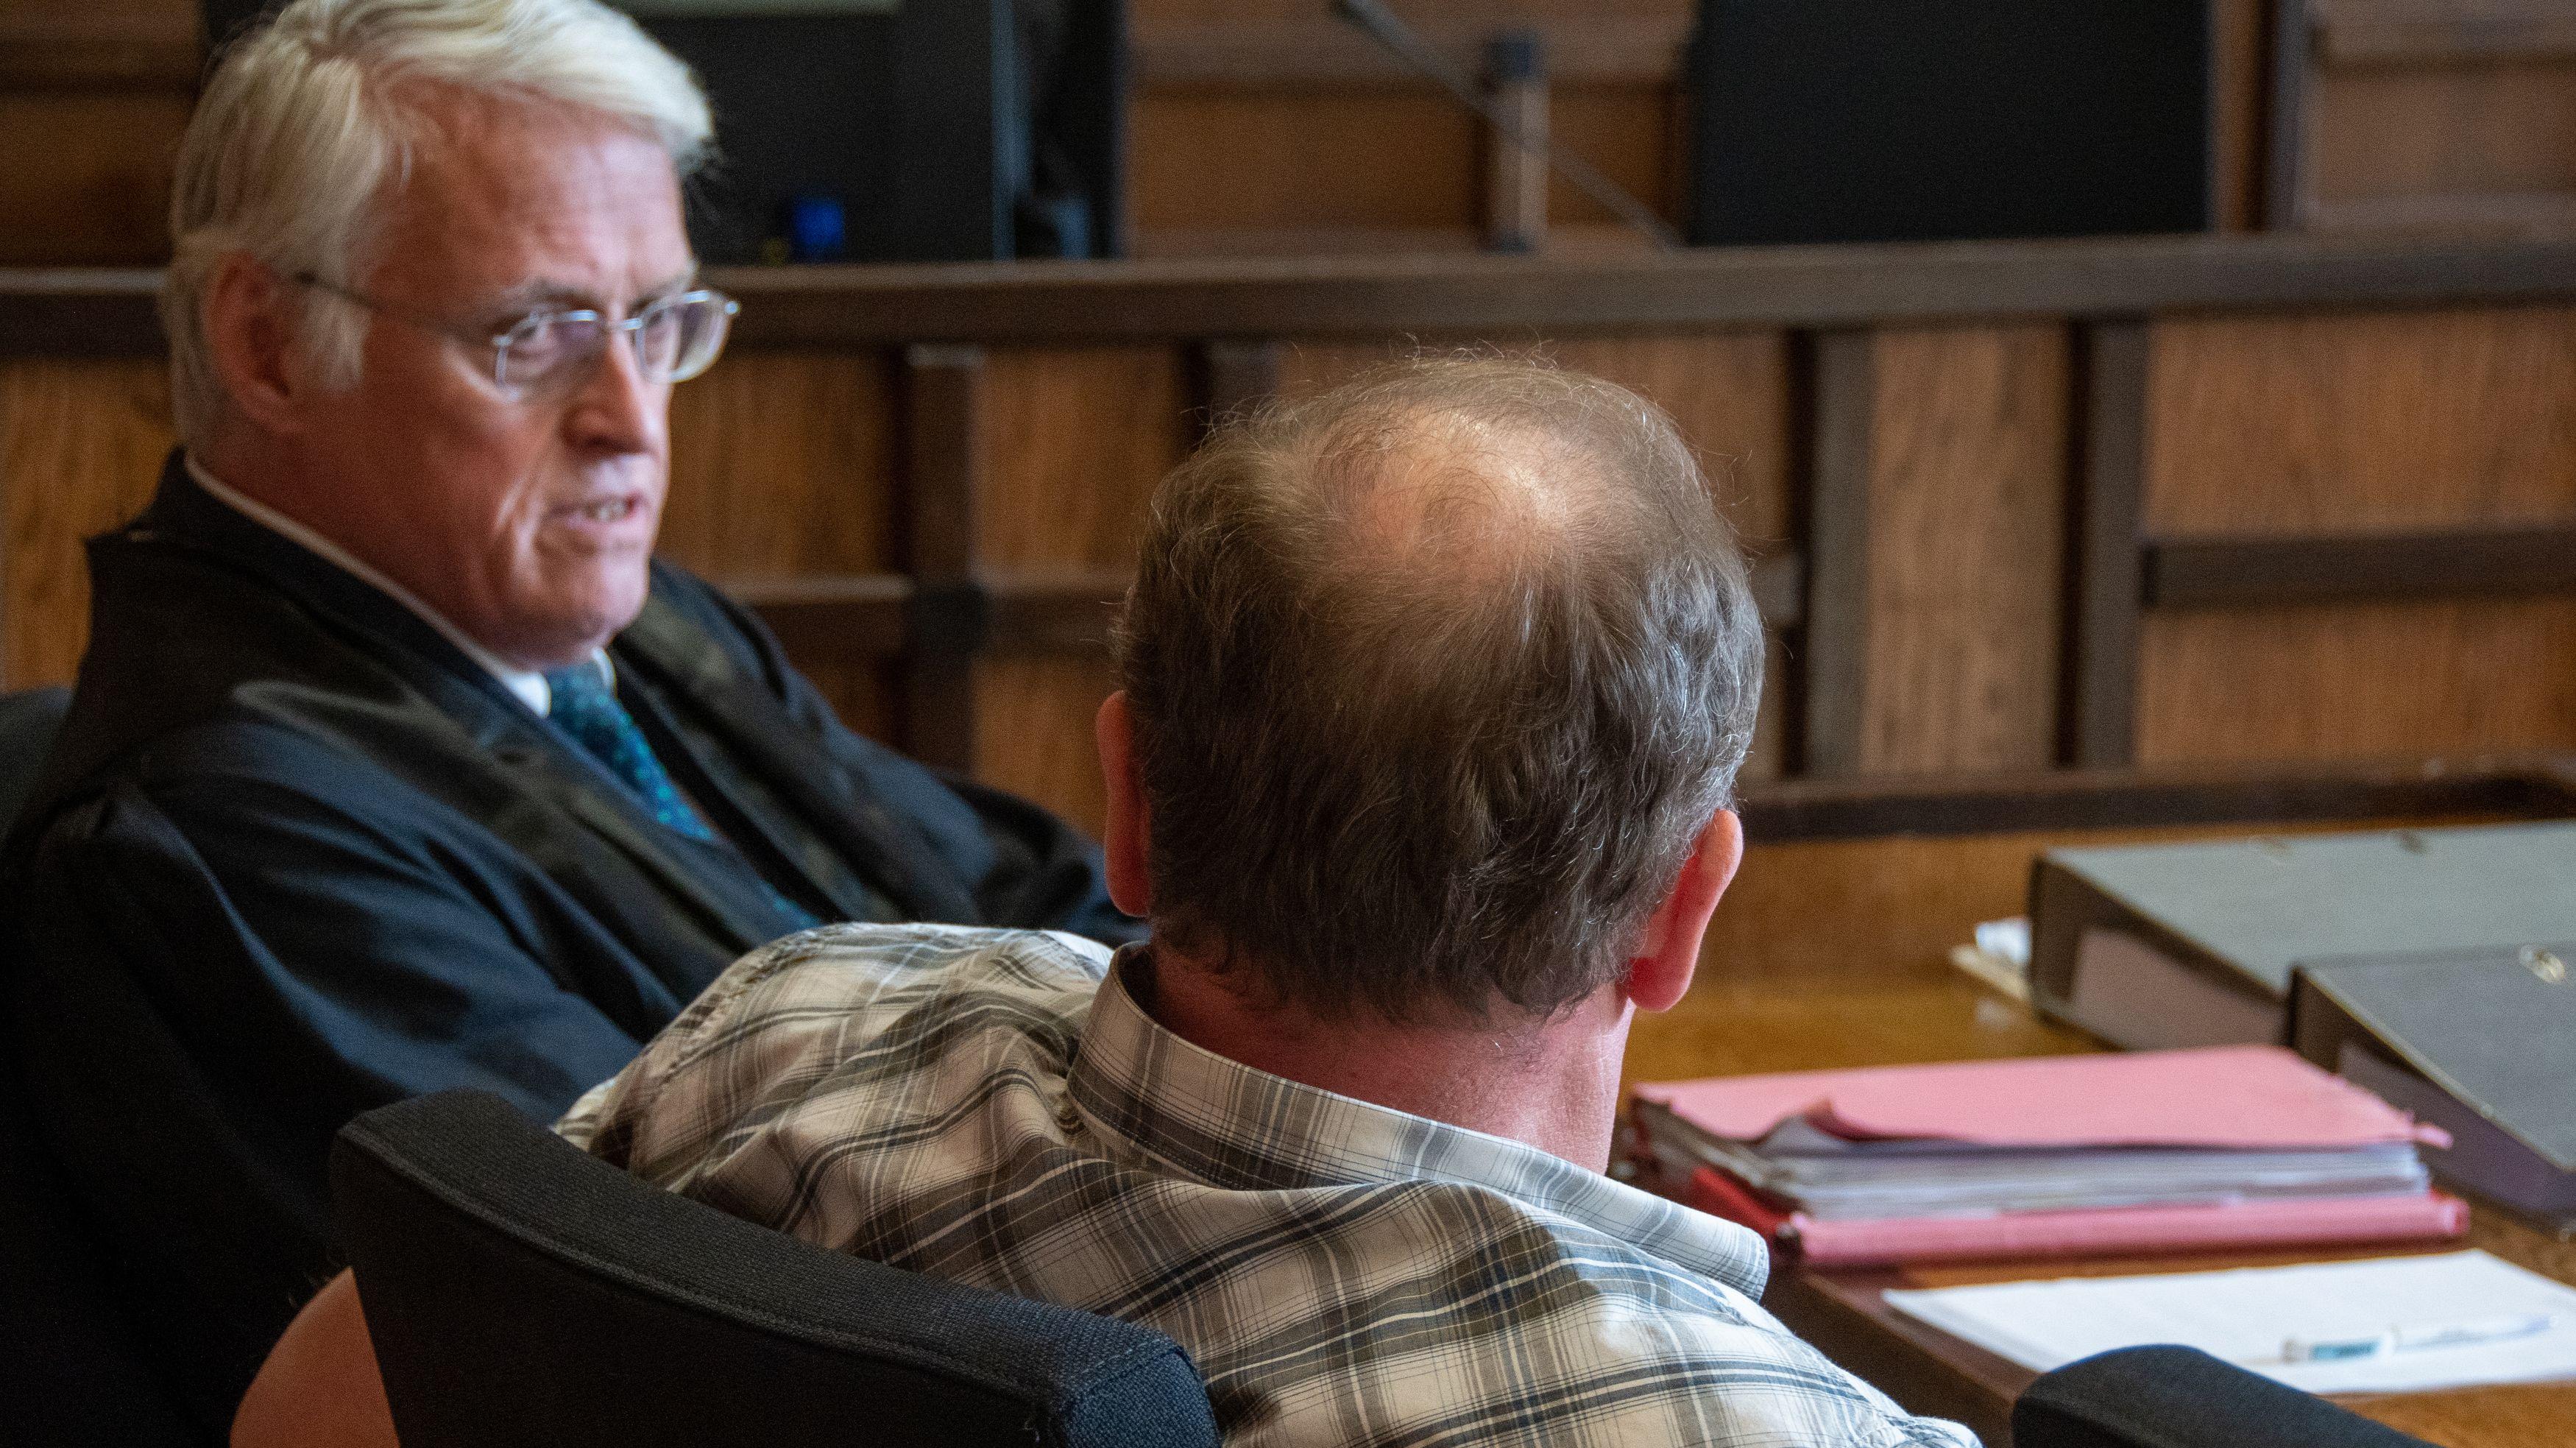 Der angeklagte Jäger sitzt im Verhandlungssaal des Amtsgerichts Cham neben seinem Verteidiger.